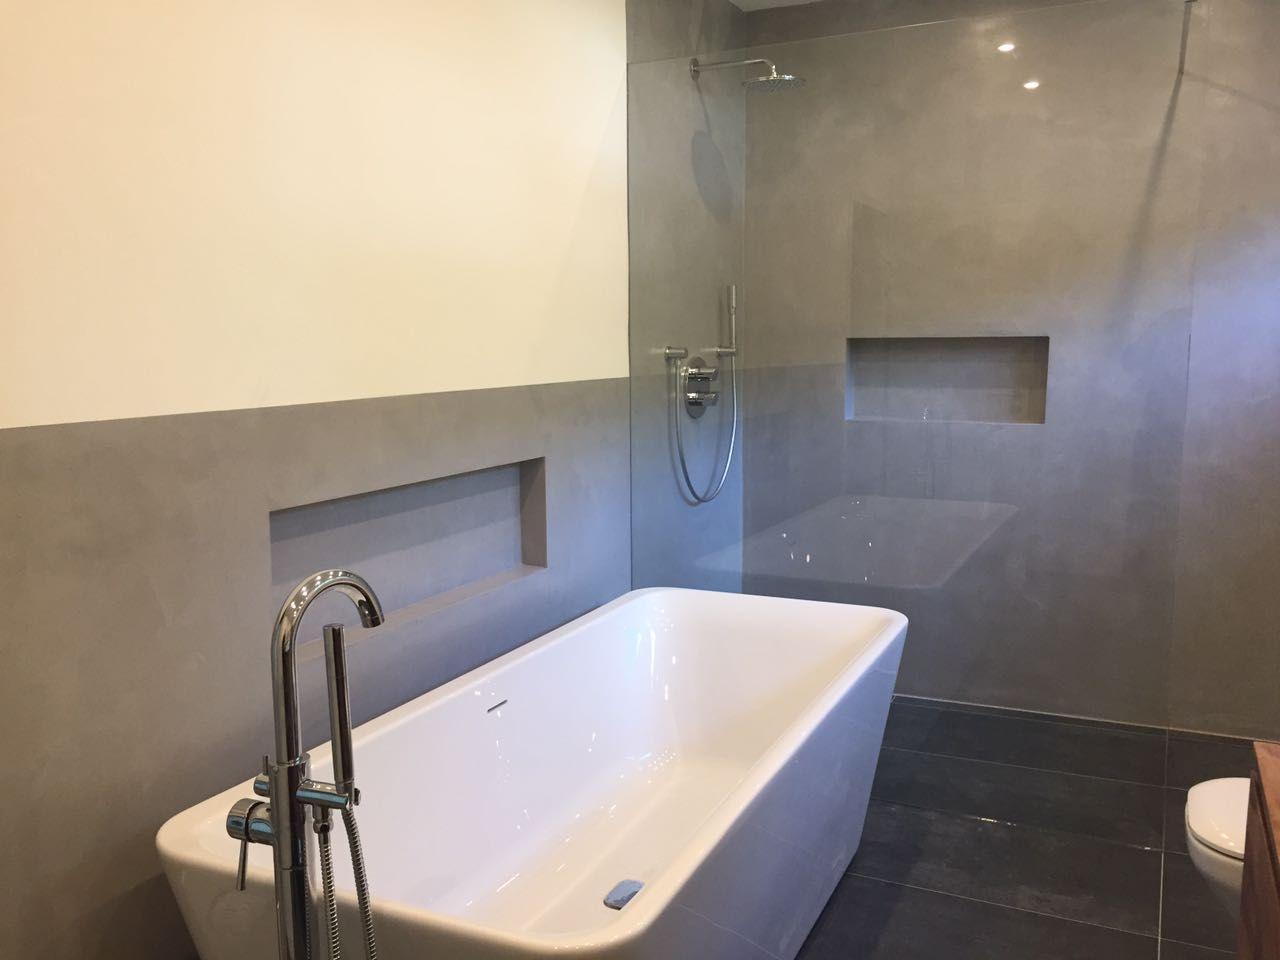 Fugenloses Bad Design In Beton Optik Wasserdicht Versiegelter Putz Auch Im Duschberreich Badezimmerideen Badgestaltung Badezimmer Design